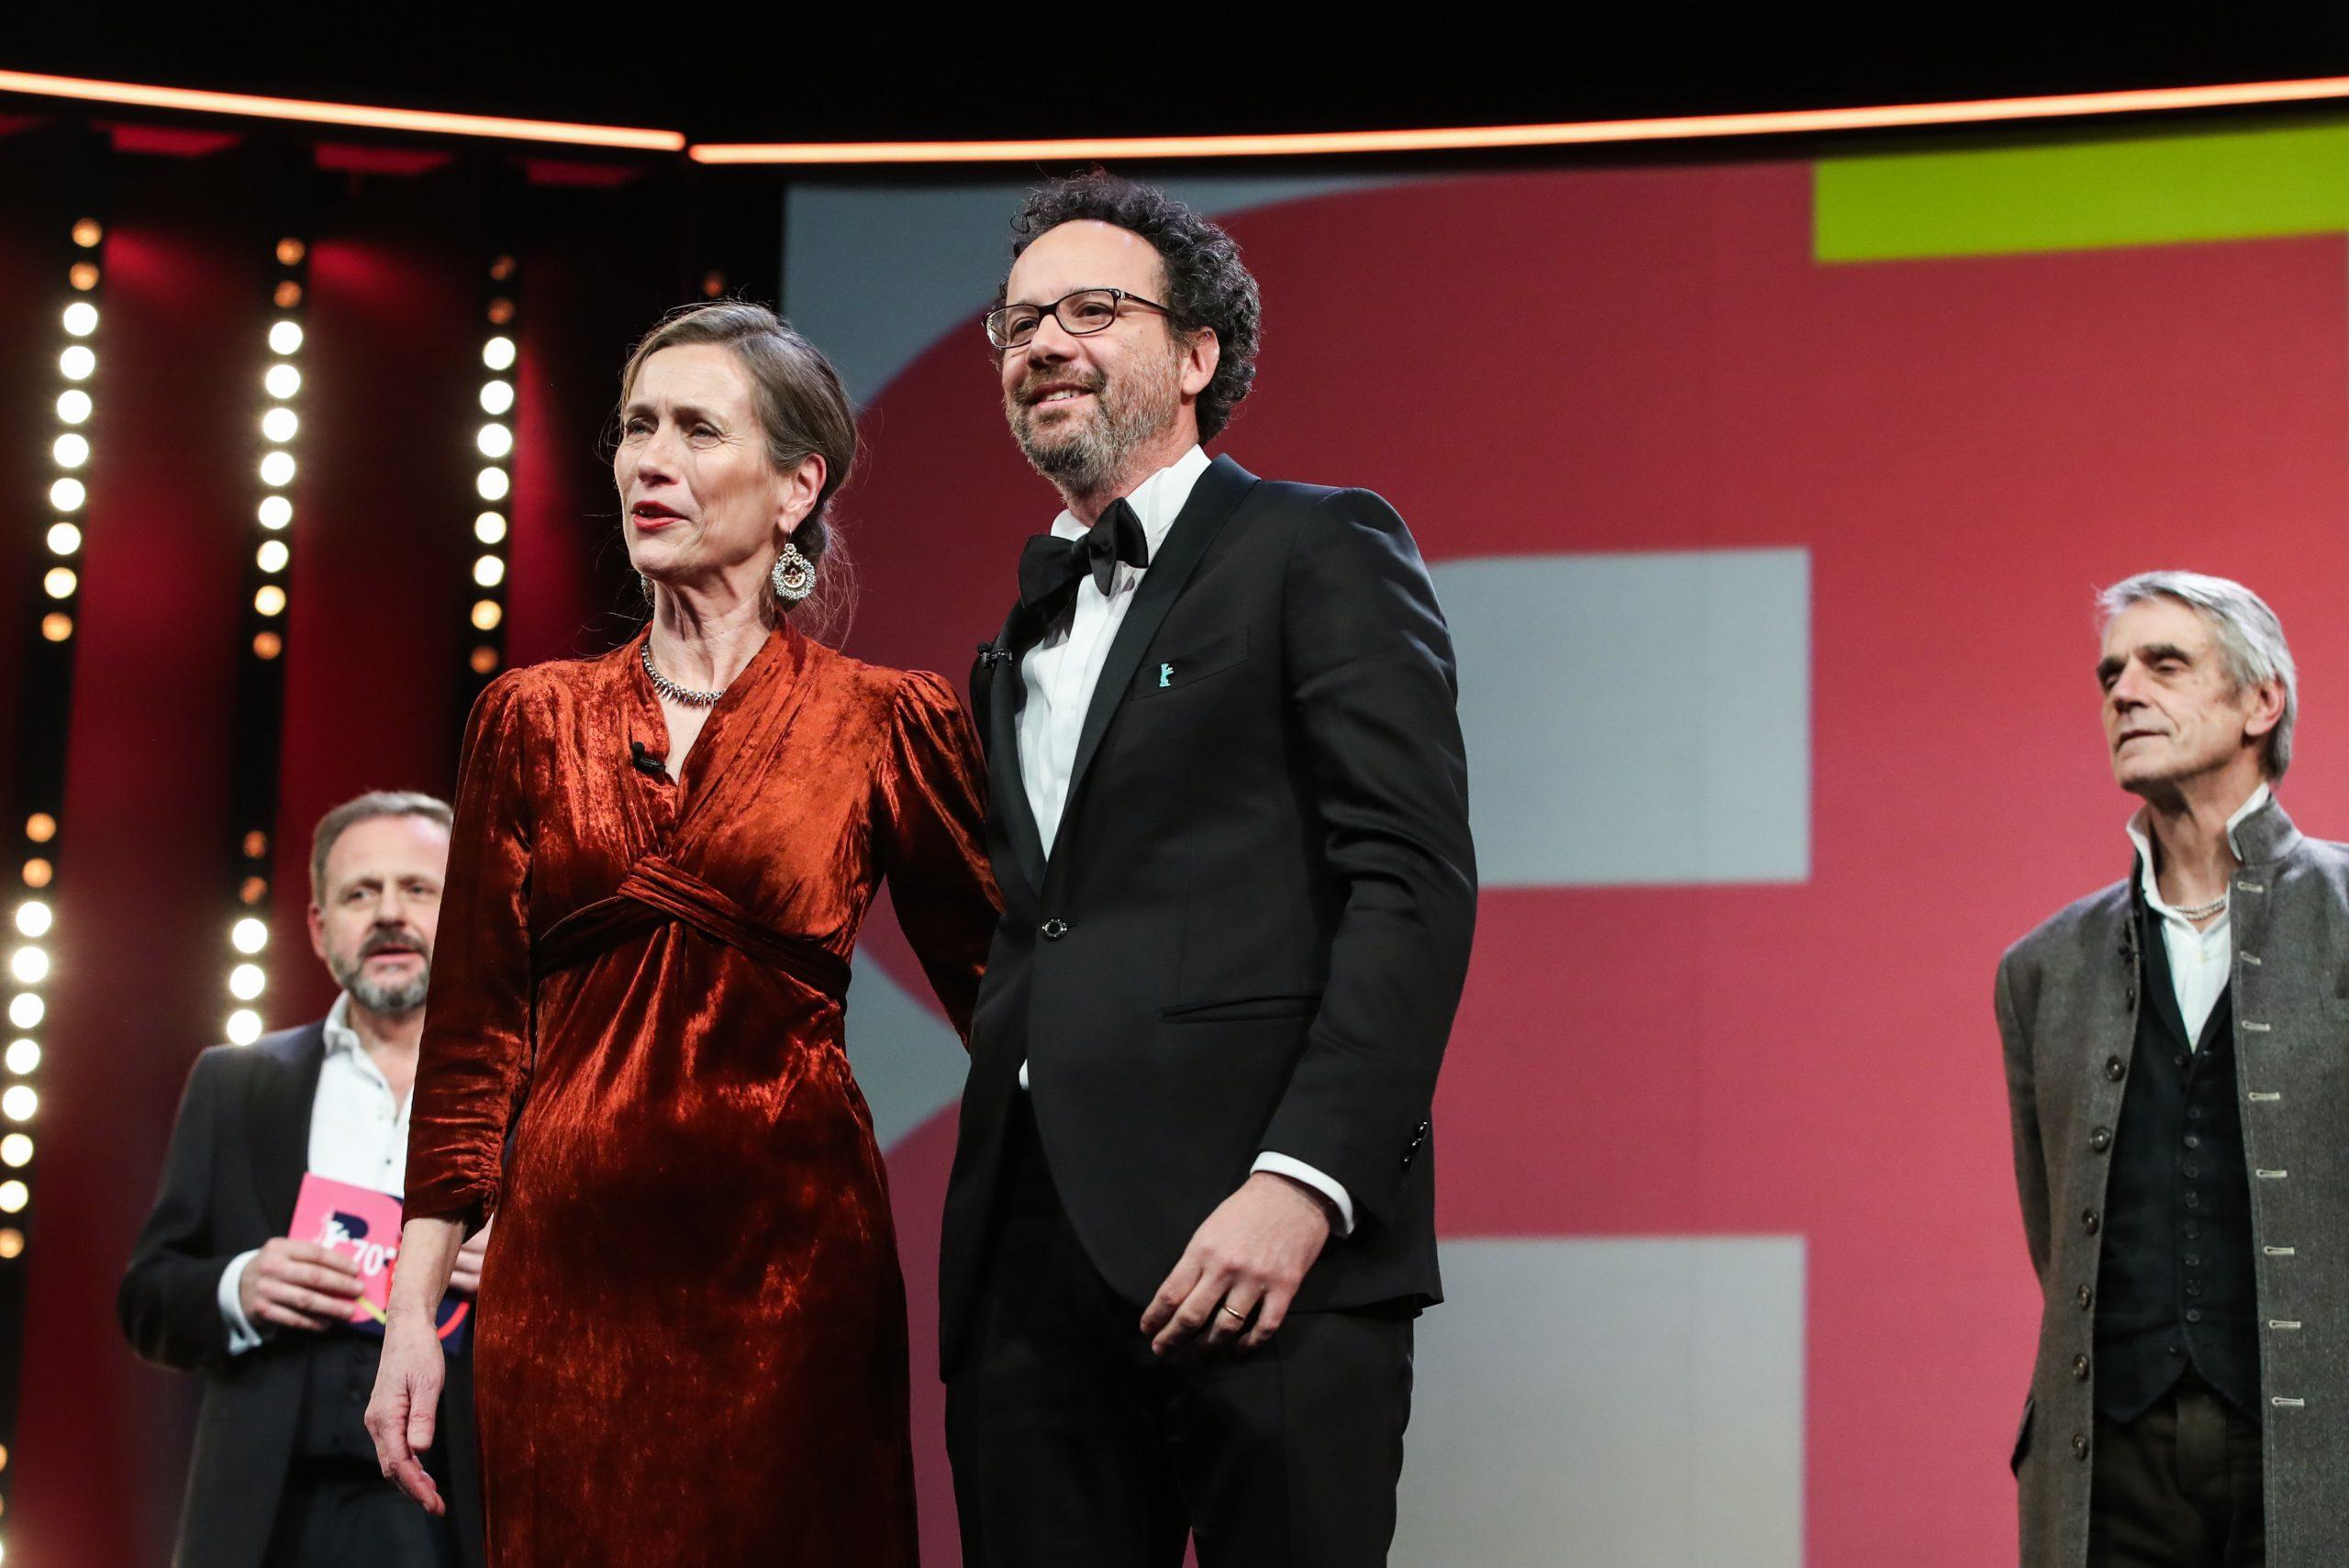 Mariette Rissenbeek und Carlo Chatrian eröffnen die Berlinale, Samuel Finzi (l.) und Jeremy Irons hören zu.